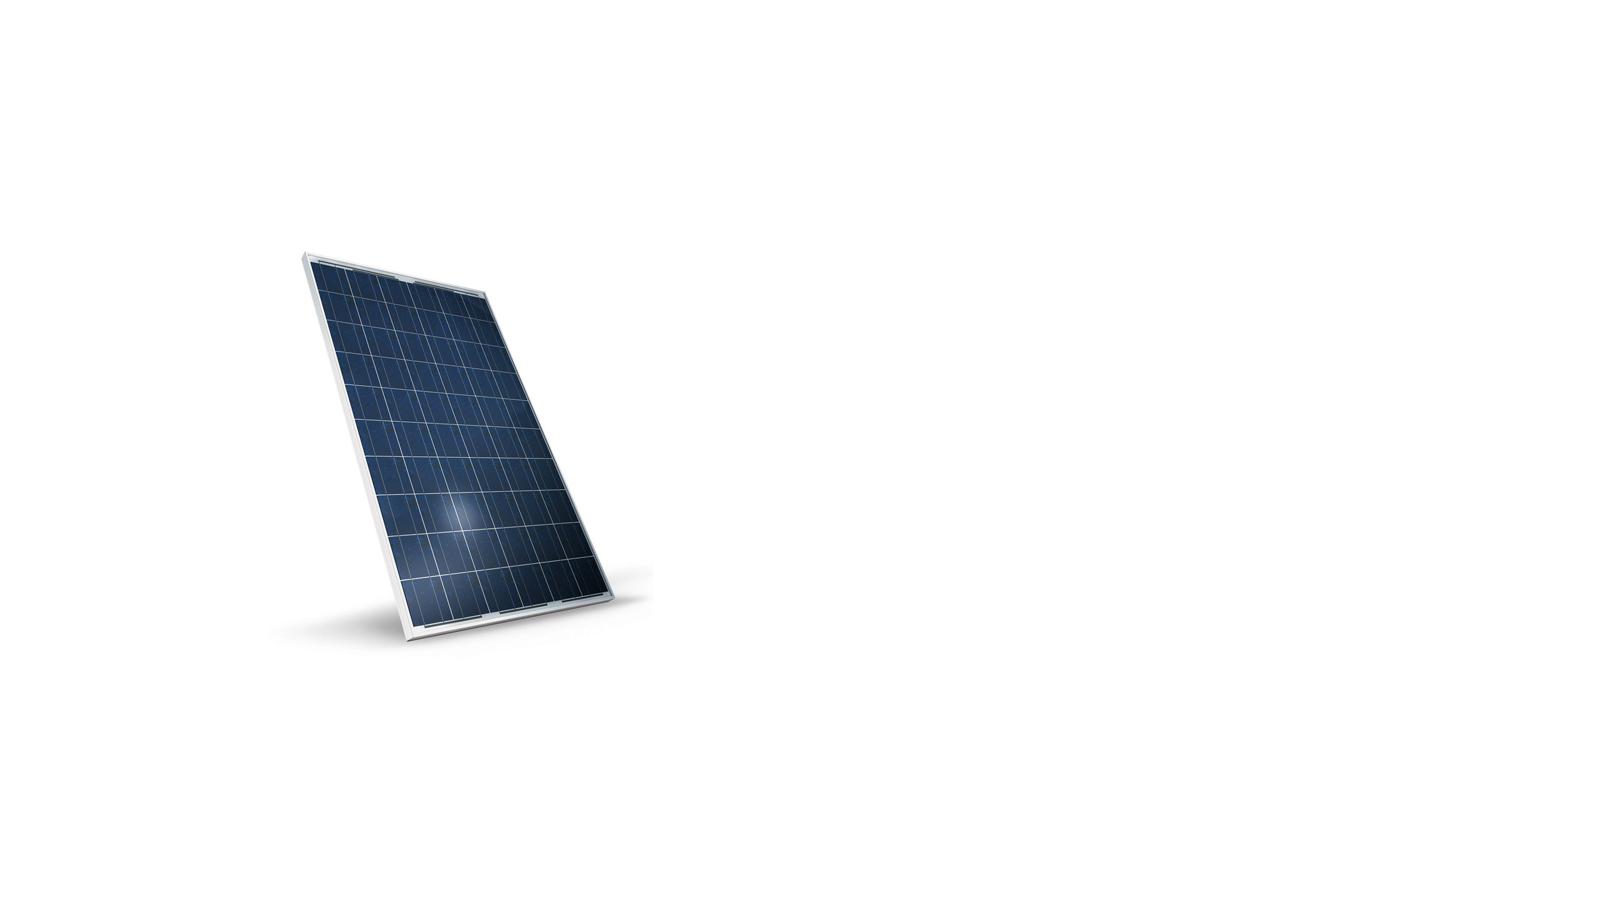 Vendita Componenti Fotovoltaici